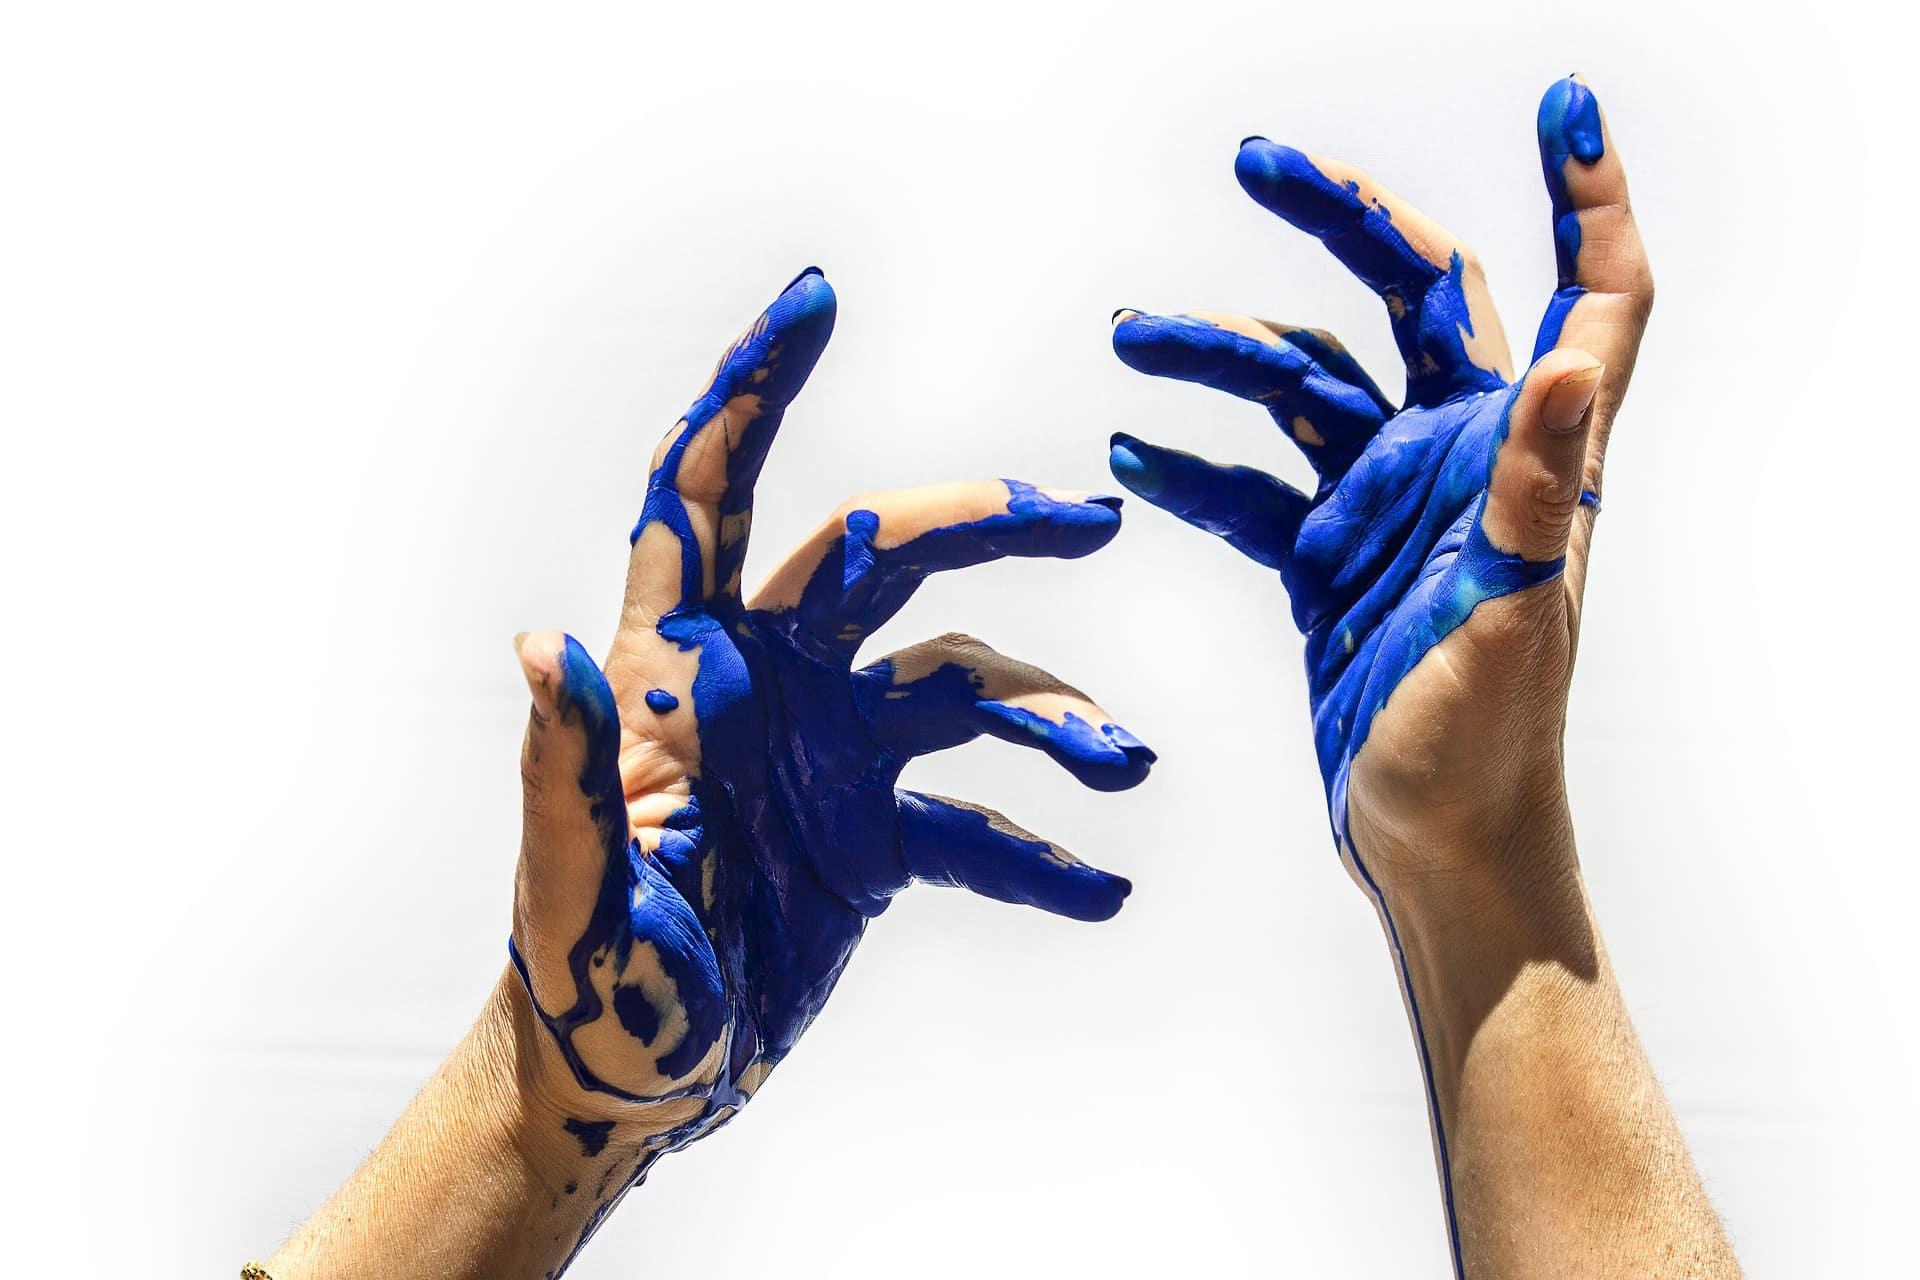 zwei Hände beschmiert mit blauer Farbe vor weißer Wand